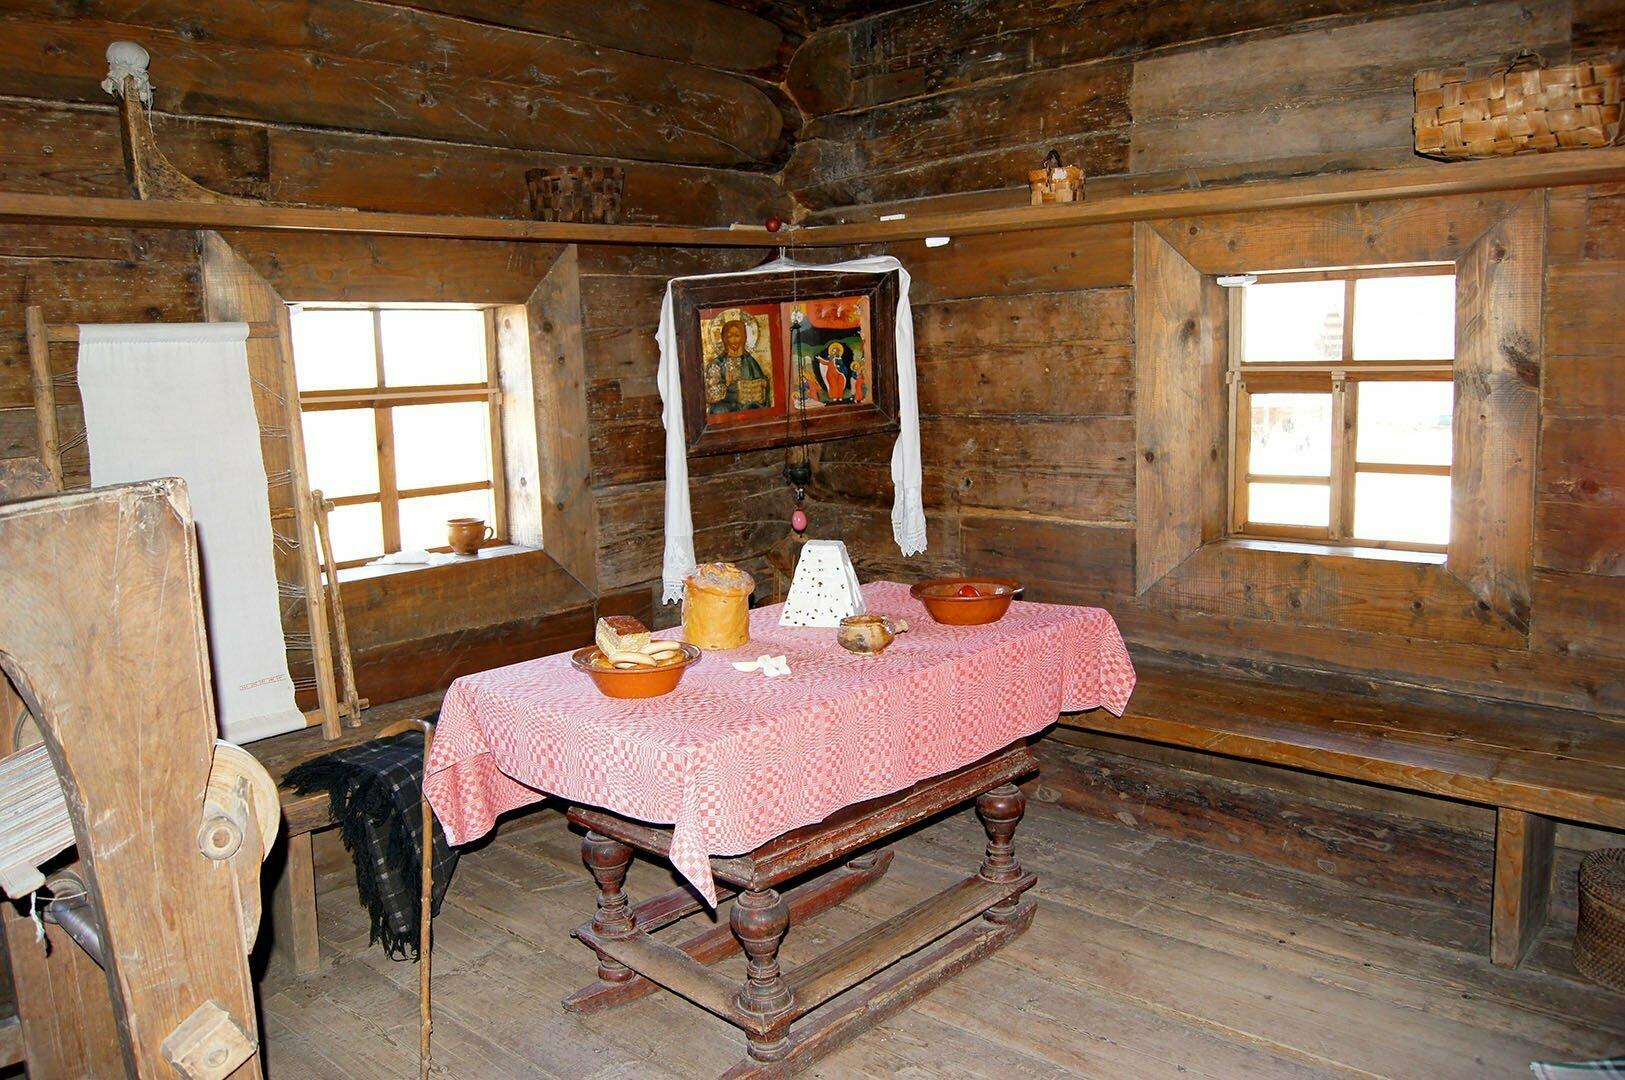 Стол накрытый к Пасхе (изба Царевой) Музей деревянного зодчества в В. Новгороде